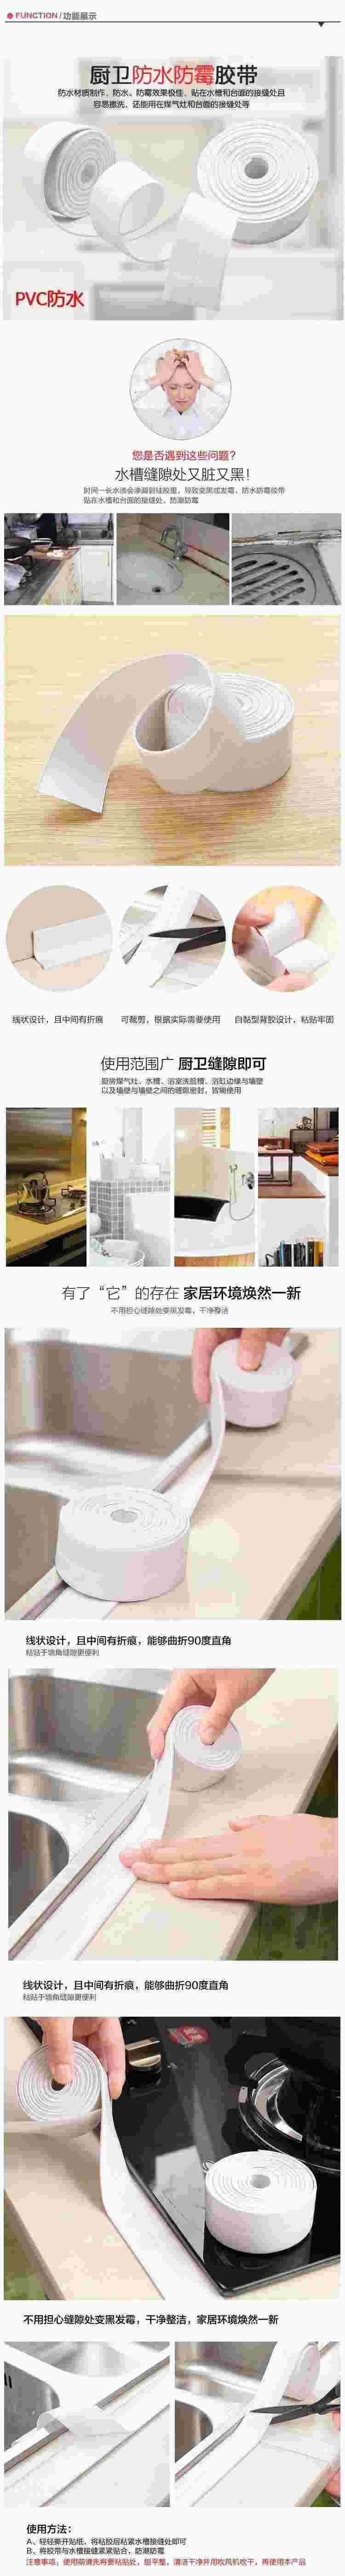 großhandel pvc küche badezimmer wand ecke fugendichtband, Badezimmer ideen